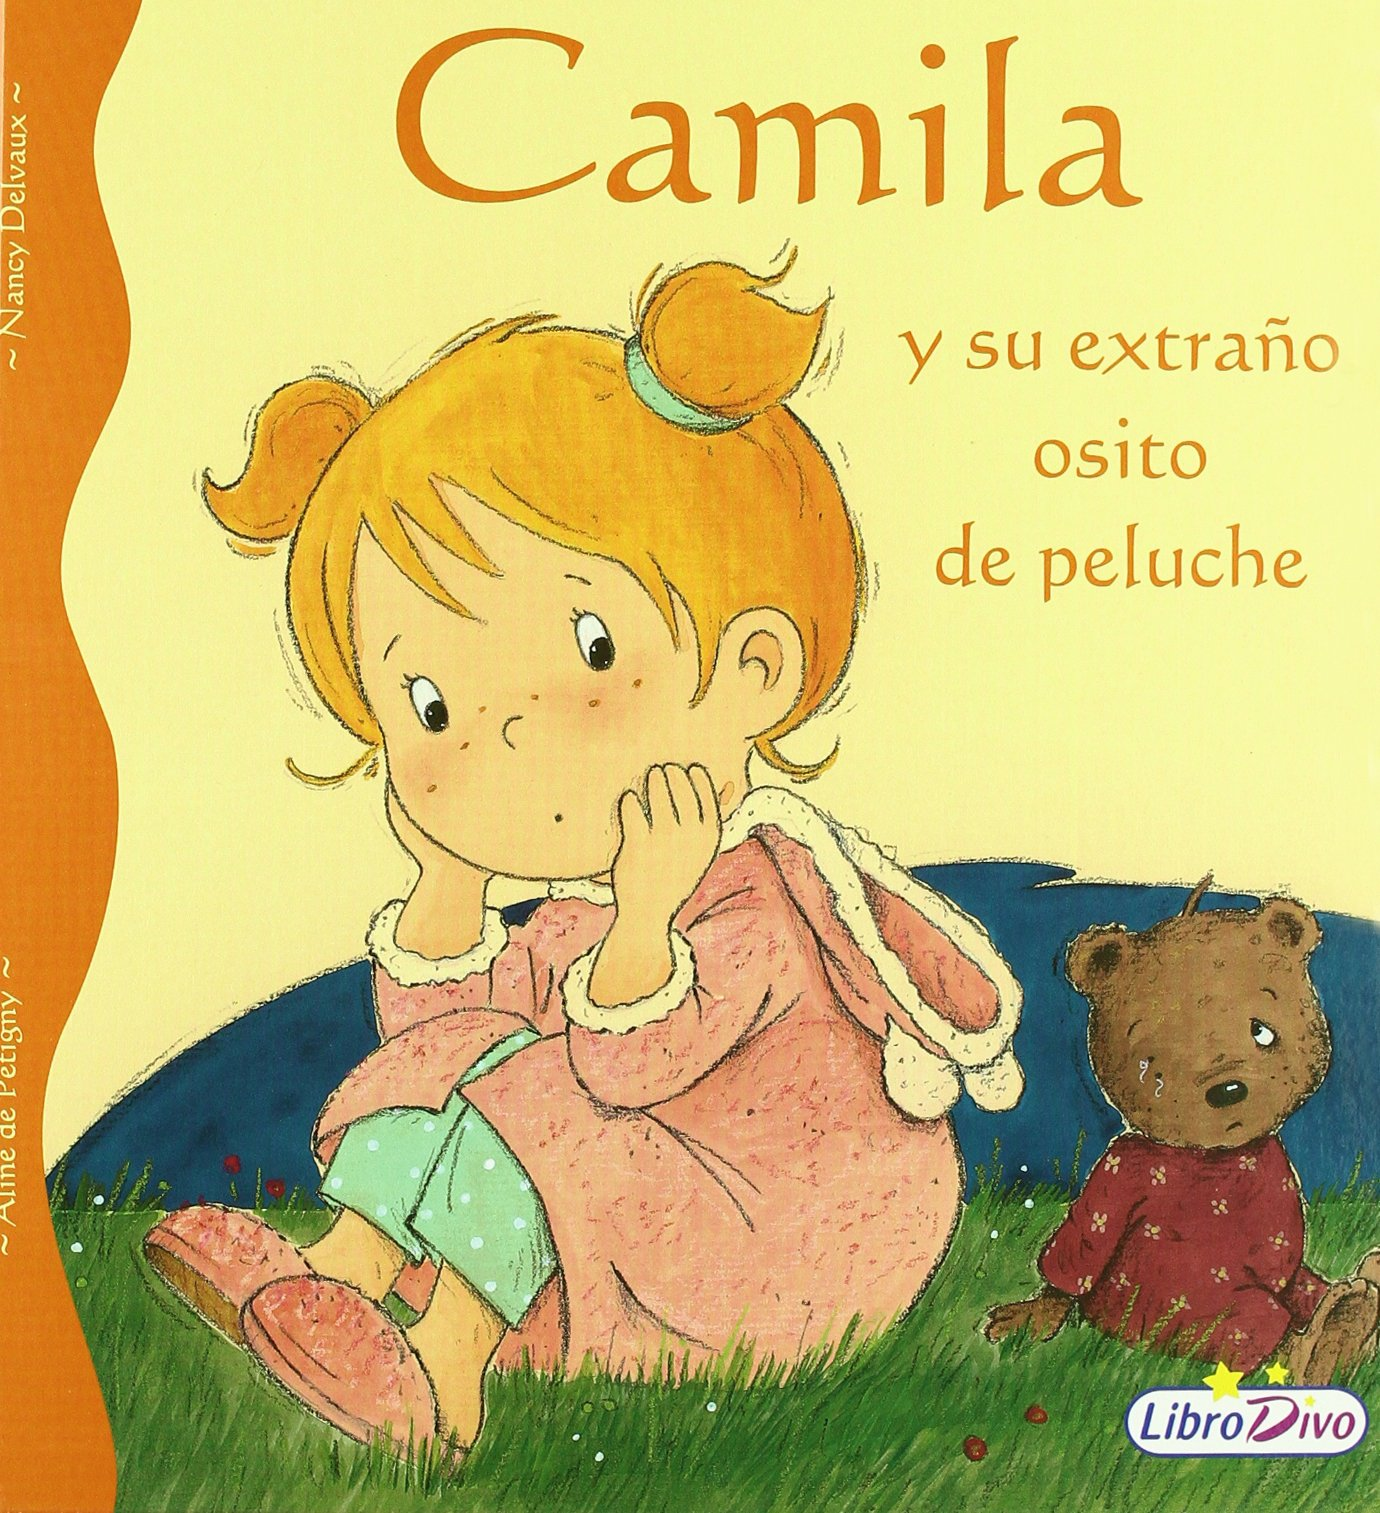 Camila y su extraño osito de peluche: Aline de ; Delvaux, Nancy ; Pétigny, Aline de Pétigny: 9788497961981: Amazon.com: Books